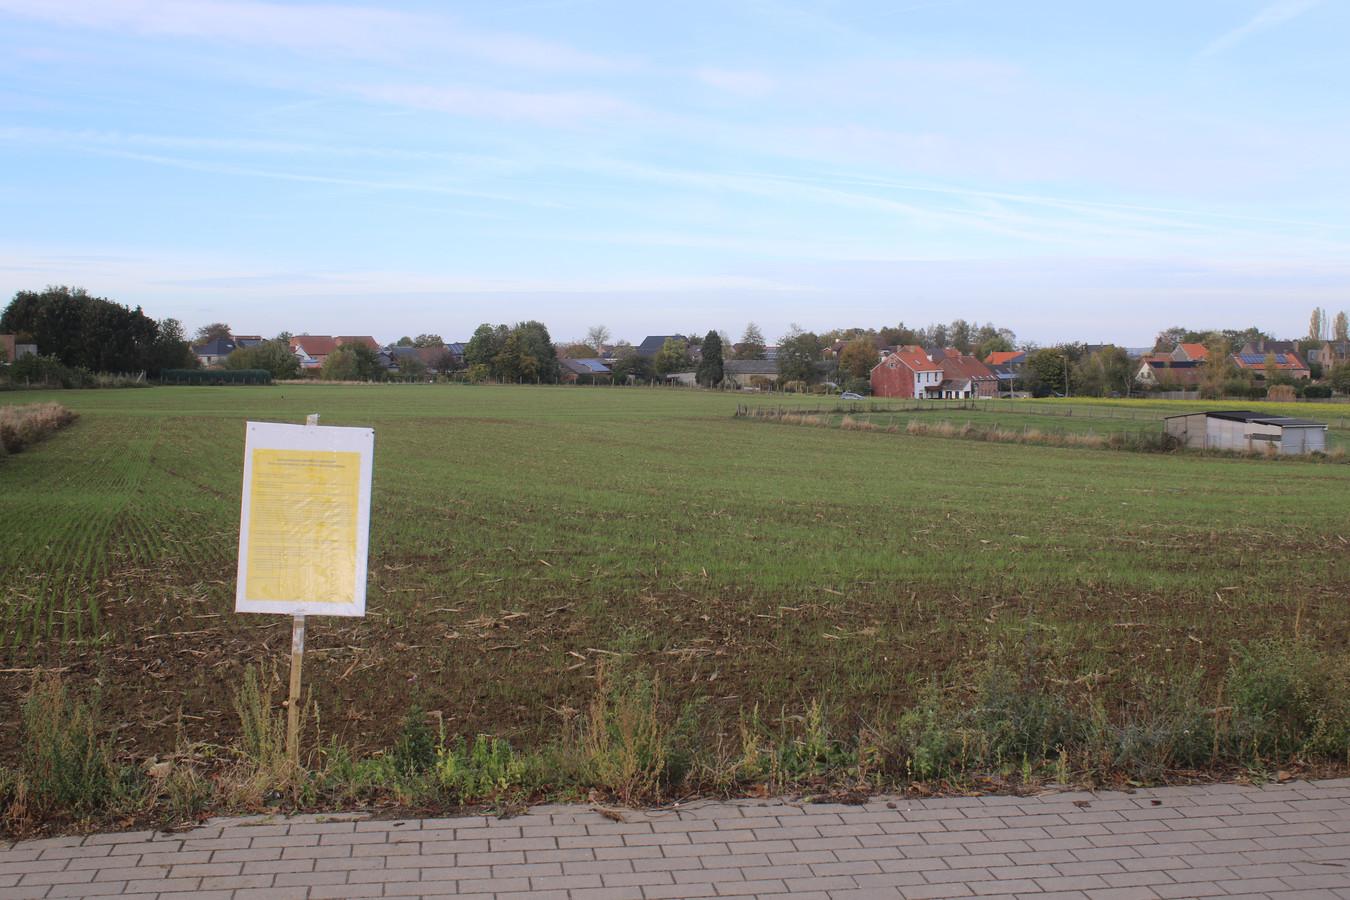 Site woonproject met 73 loten Haasrode Centrum. Dit project wordt op woensdag 7 november voorgesteld. Aan de rechterzijde komt het project